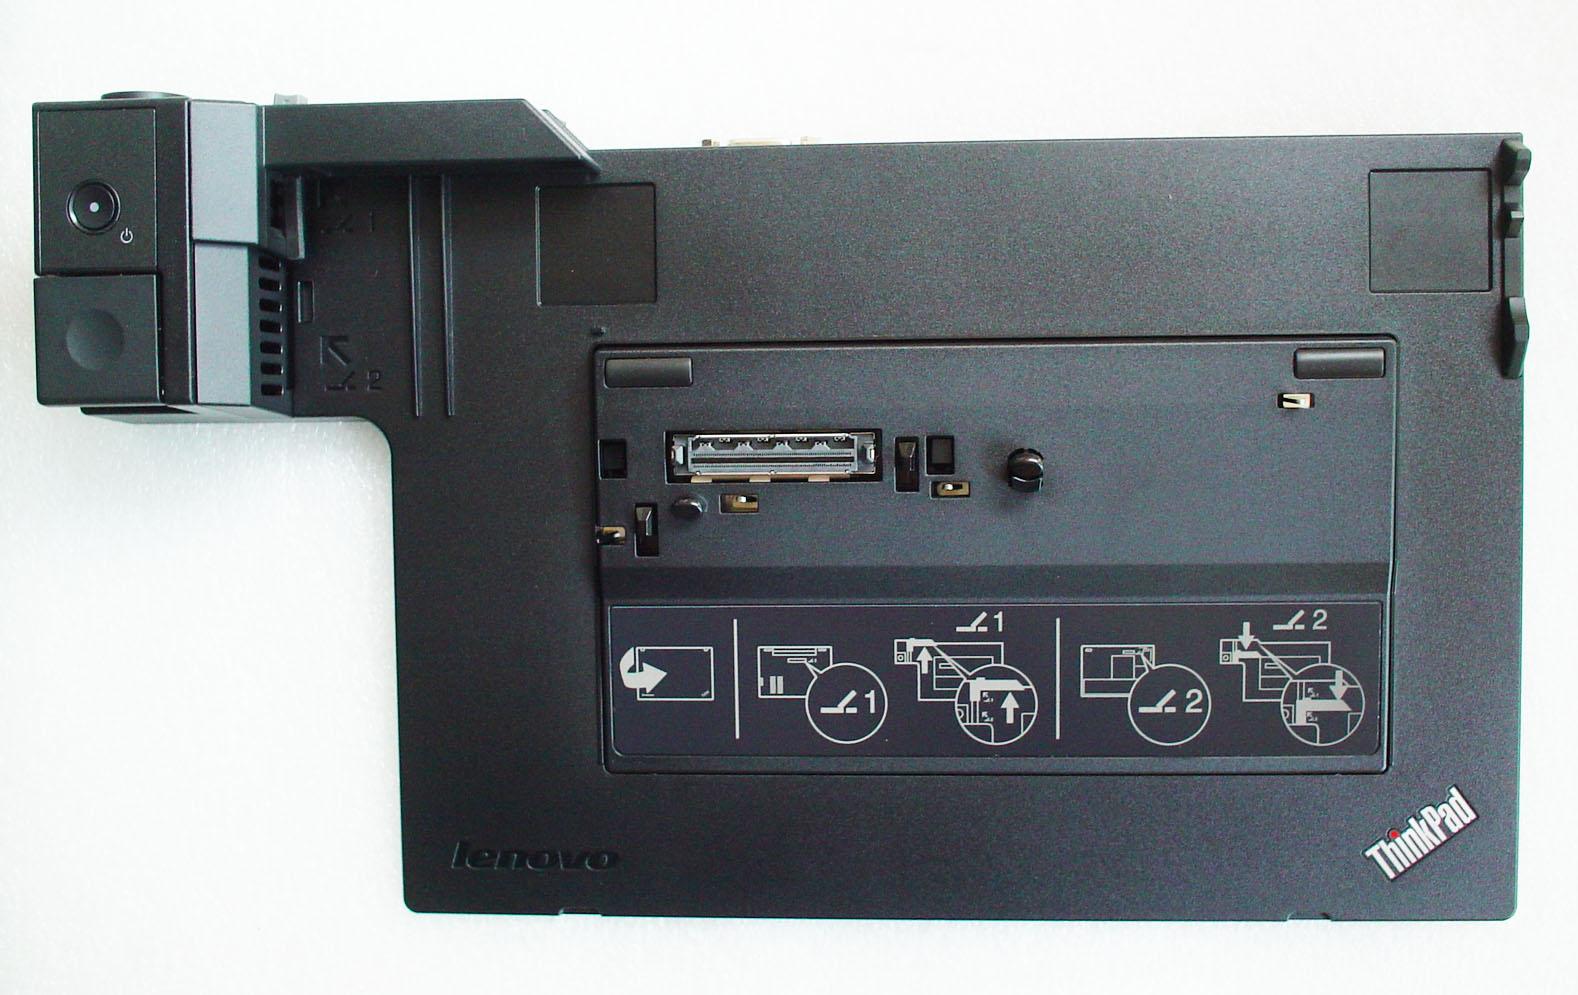 ポートリプリケータPort Replicator: 純正新品Lenovo Thinkpad用(04W1806)